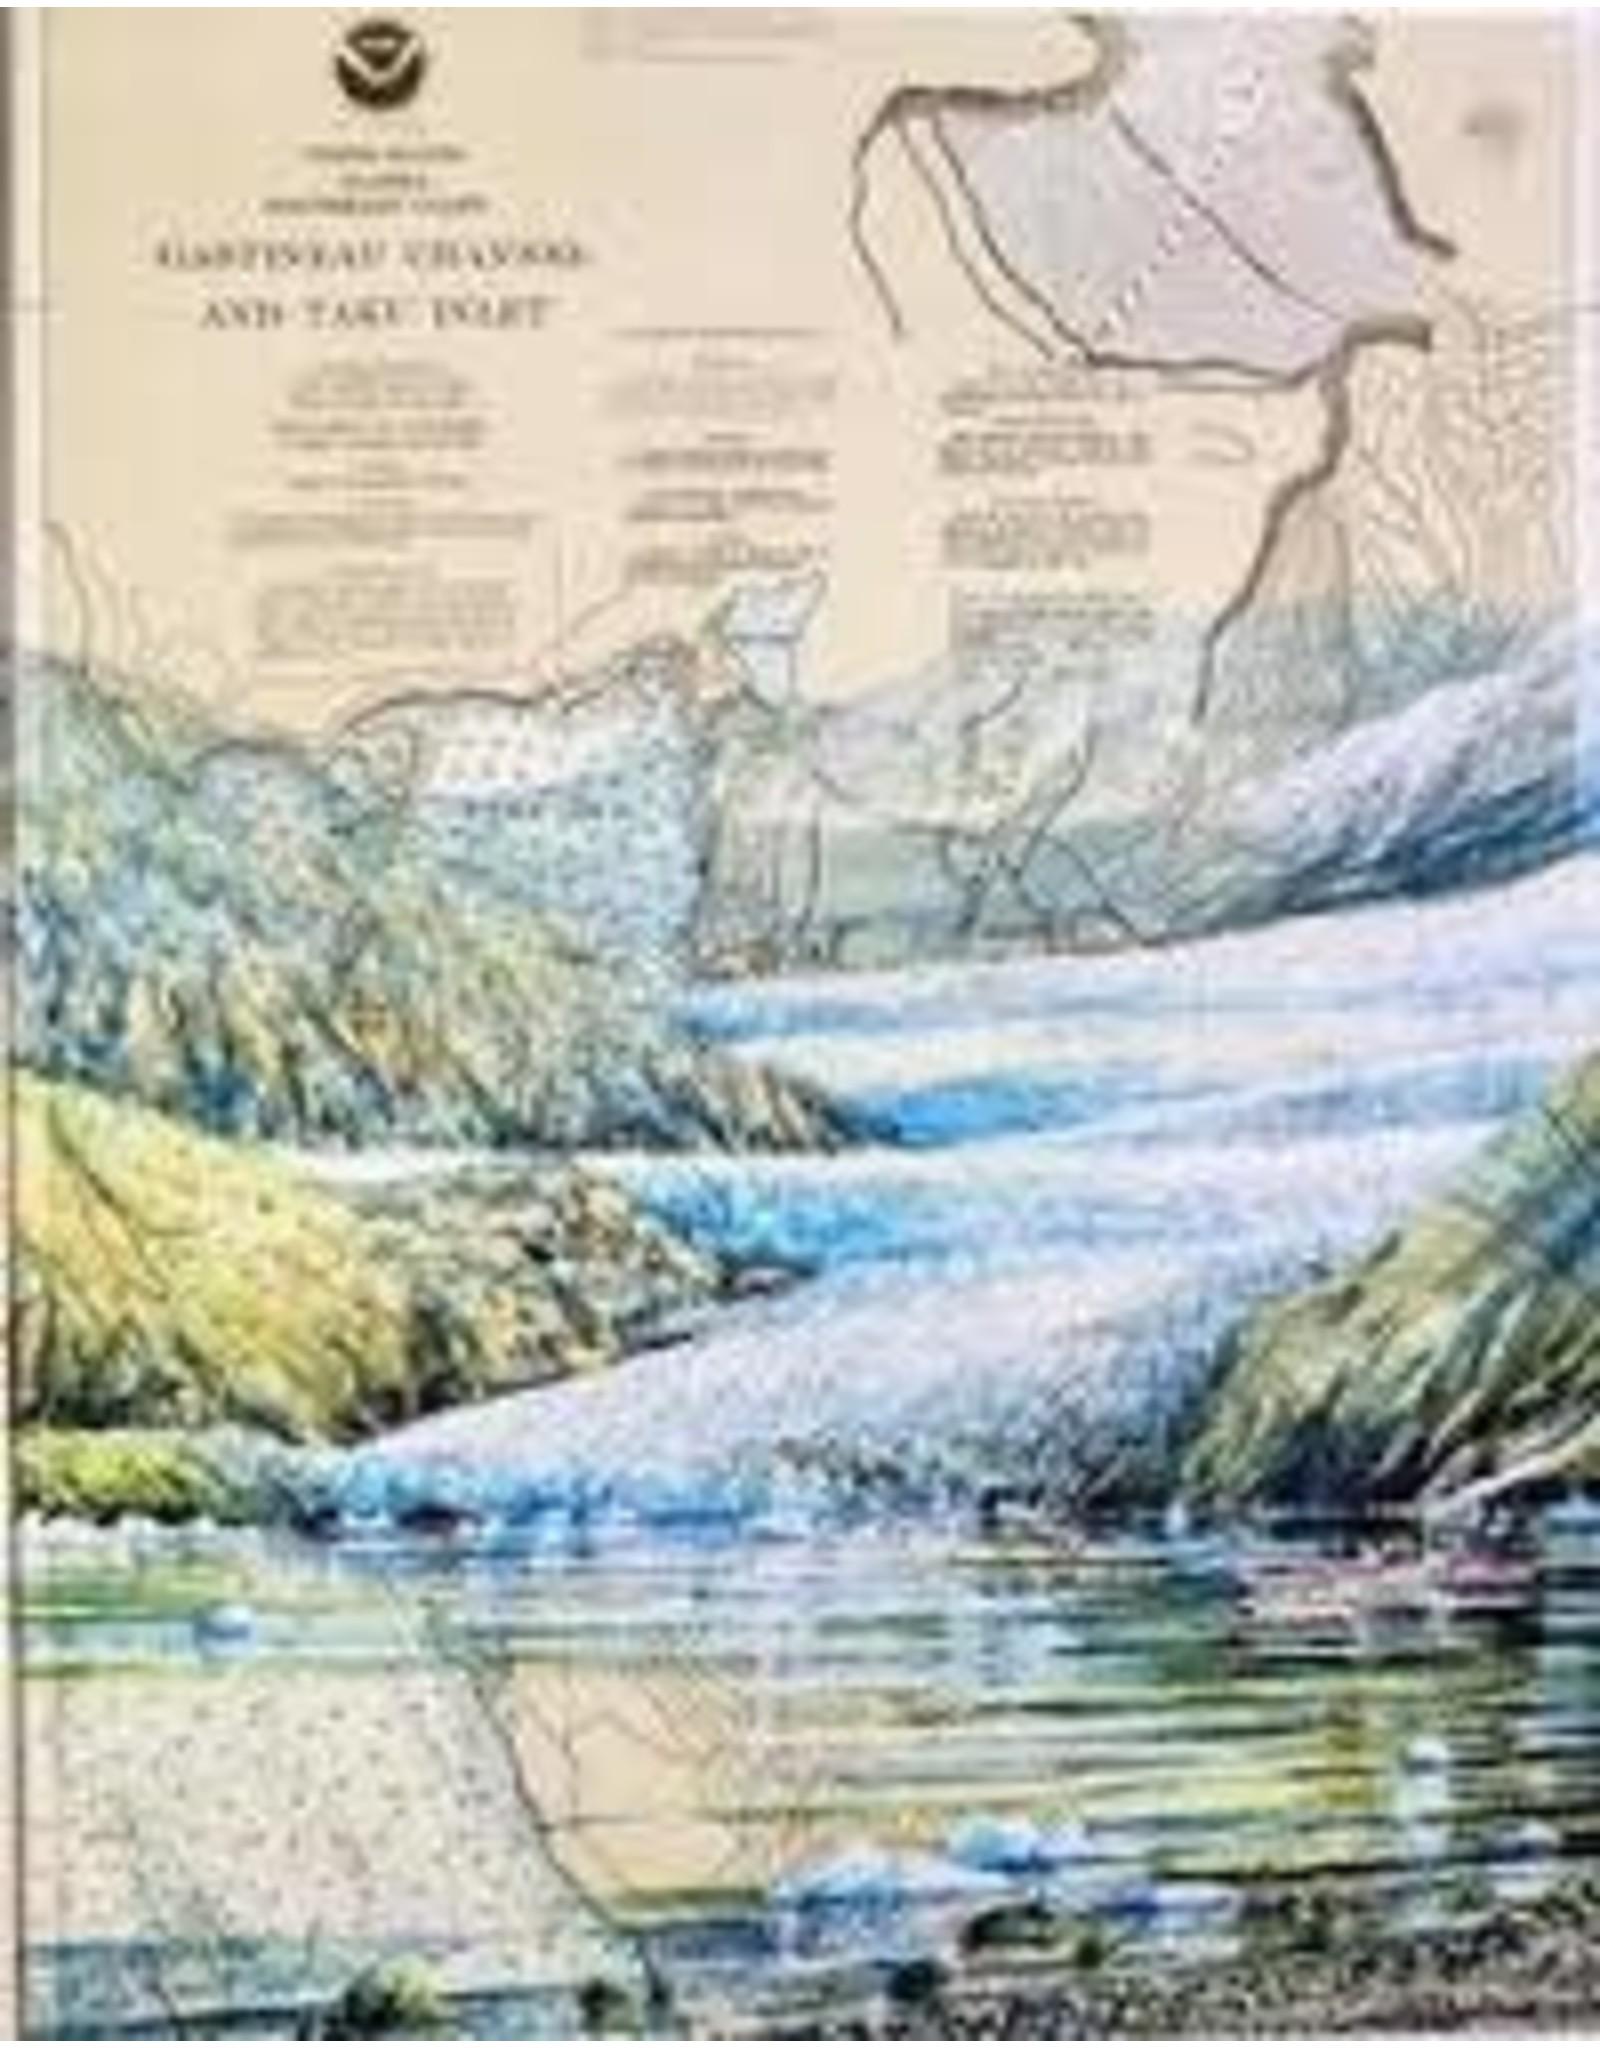 Brenda Schwartz Yeager Mendenhall Glacier | Brenda Schwartz-Yeager